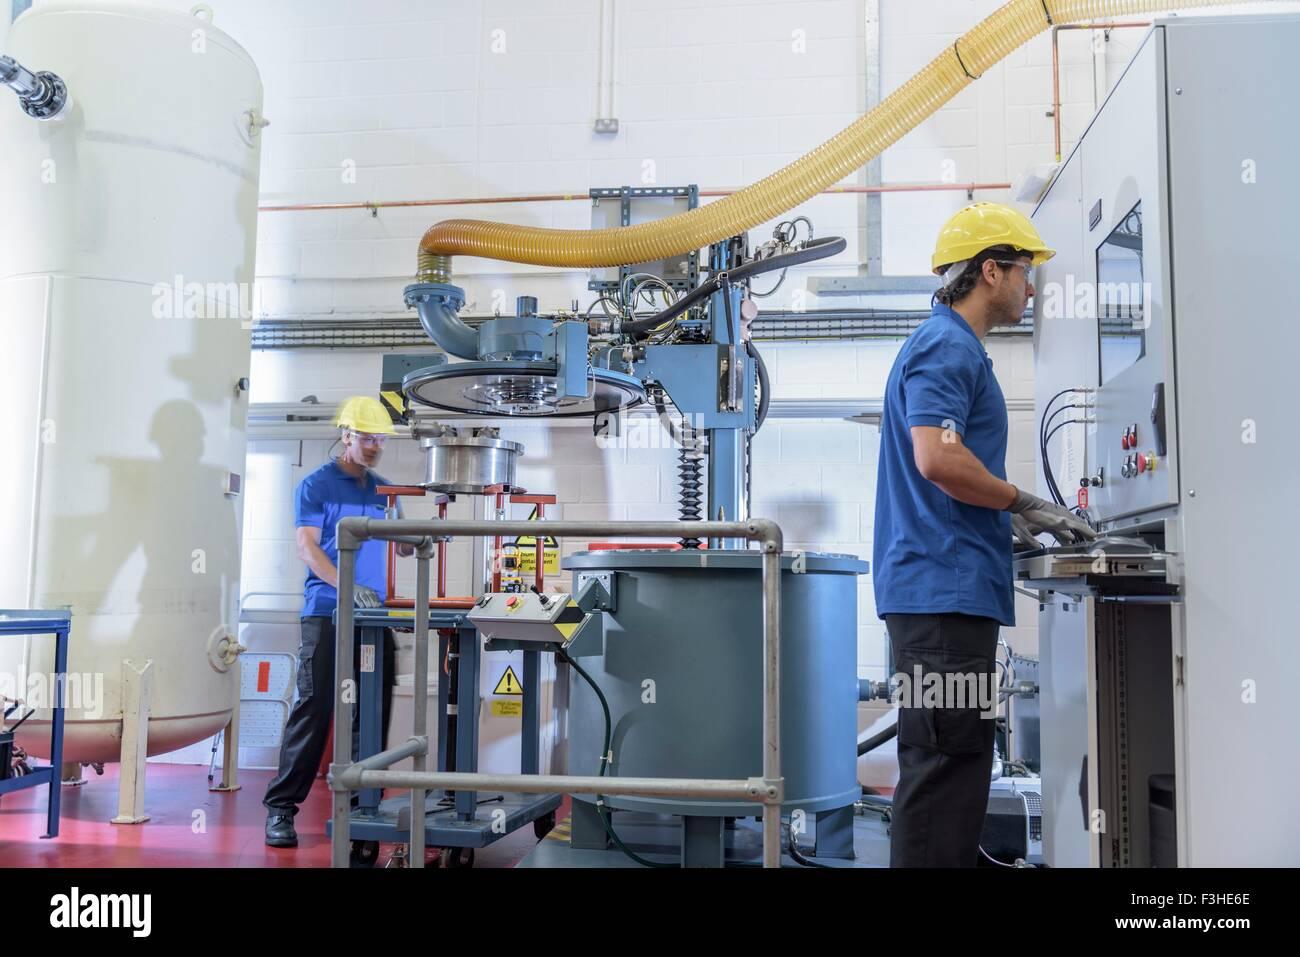 Arbeiter, die Umwelt Prüfeinrichtungen in Elektronik-Fabrik in Betrieb Stockbild